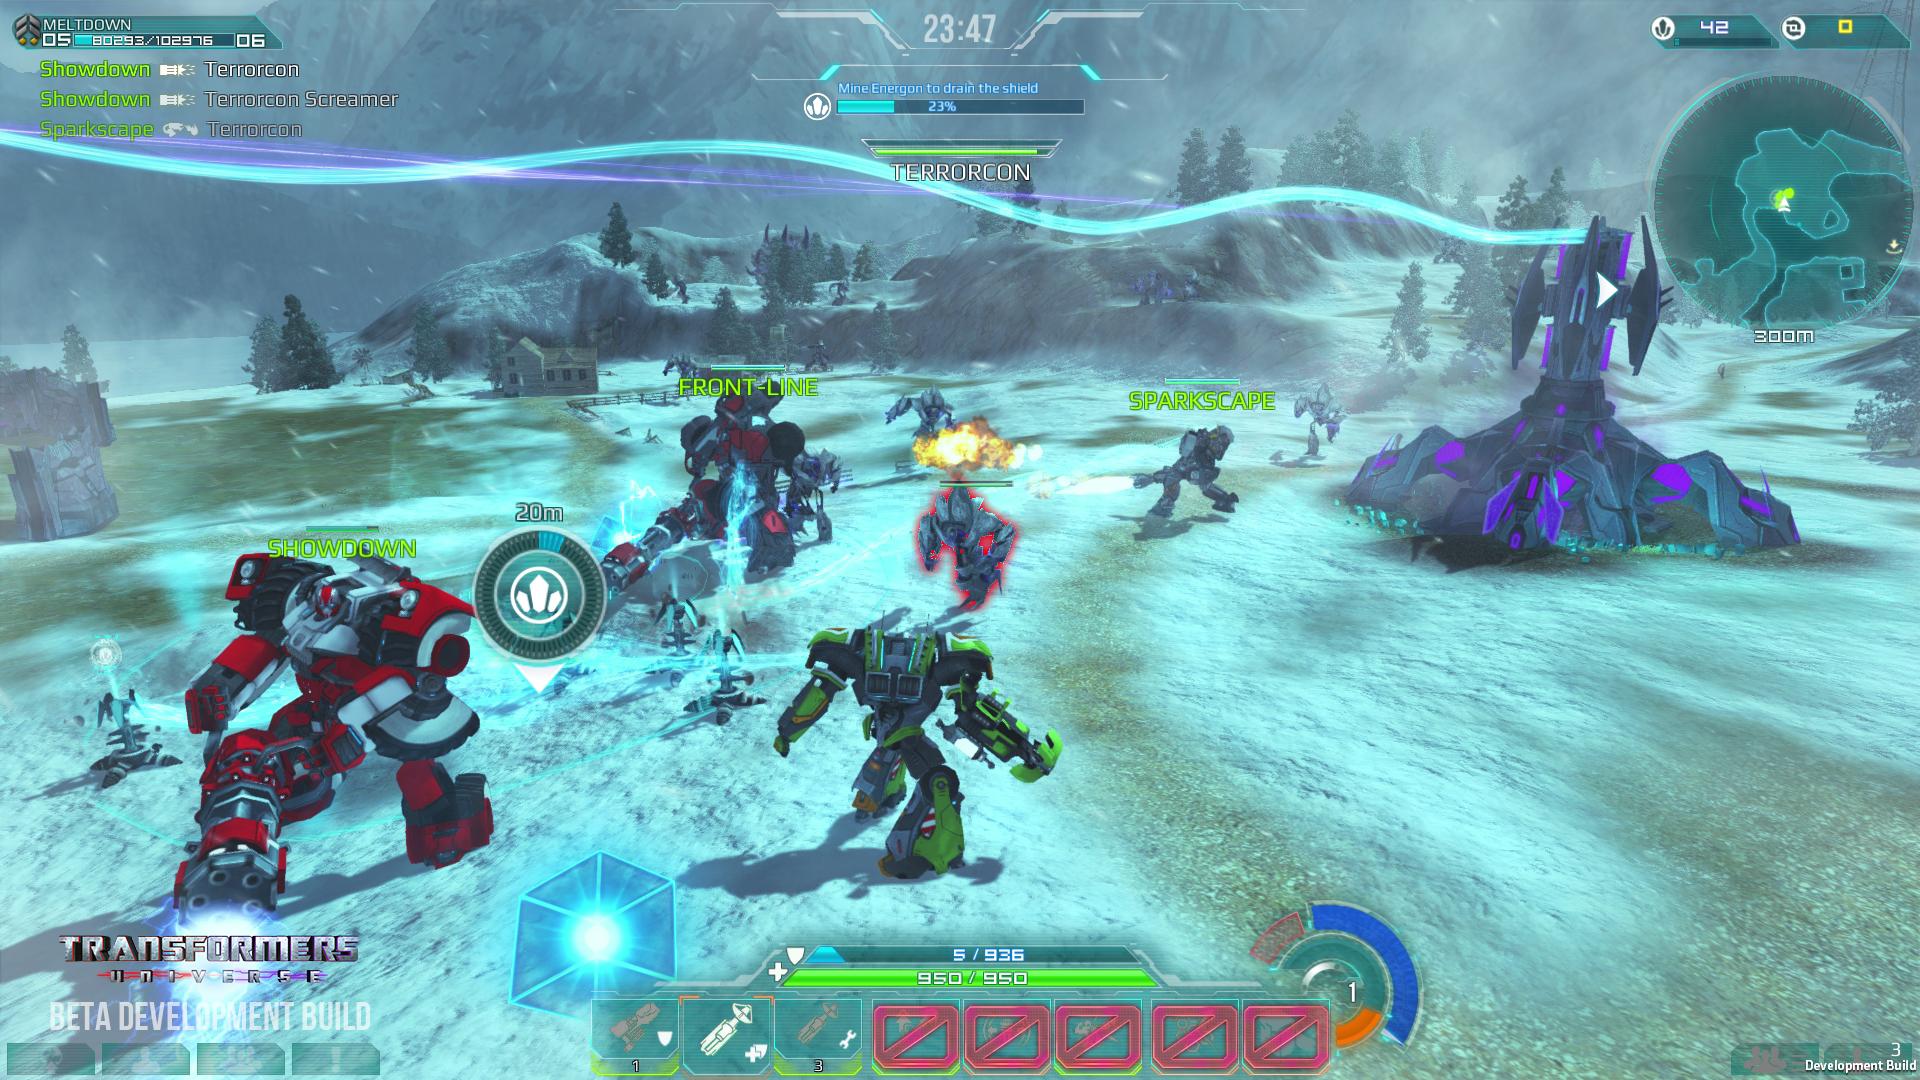 Loạt ảnh tuyệt đẹp về MOTA Transformers Universe